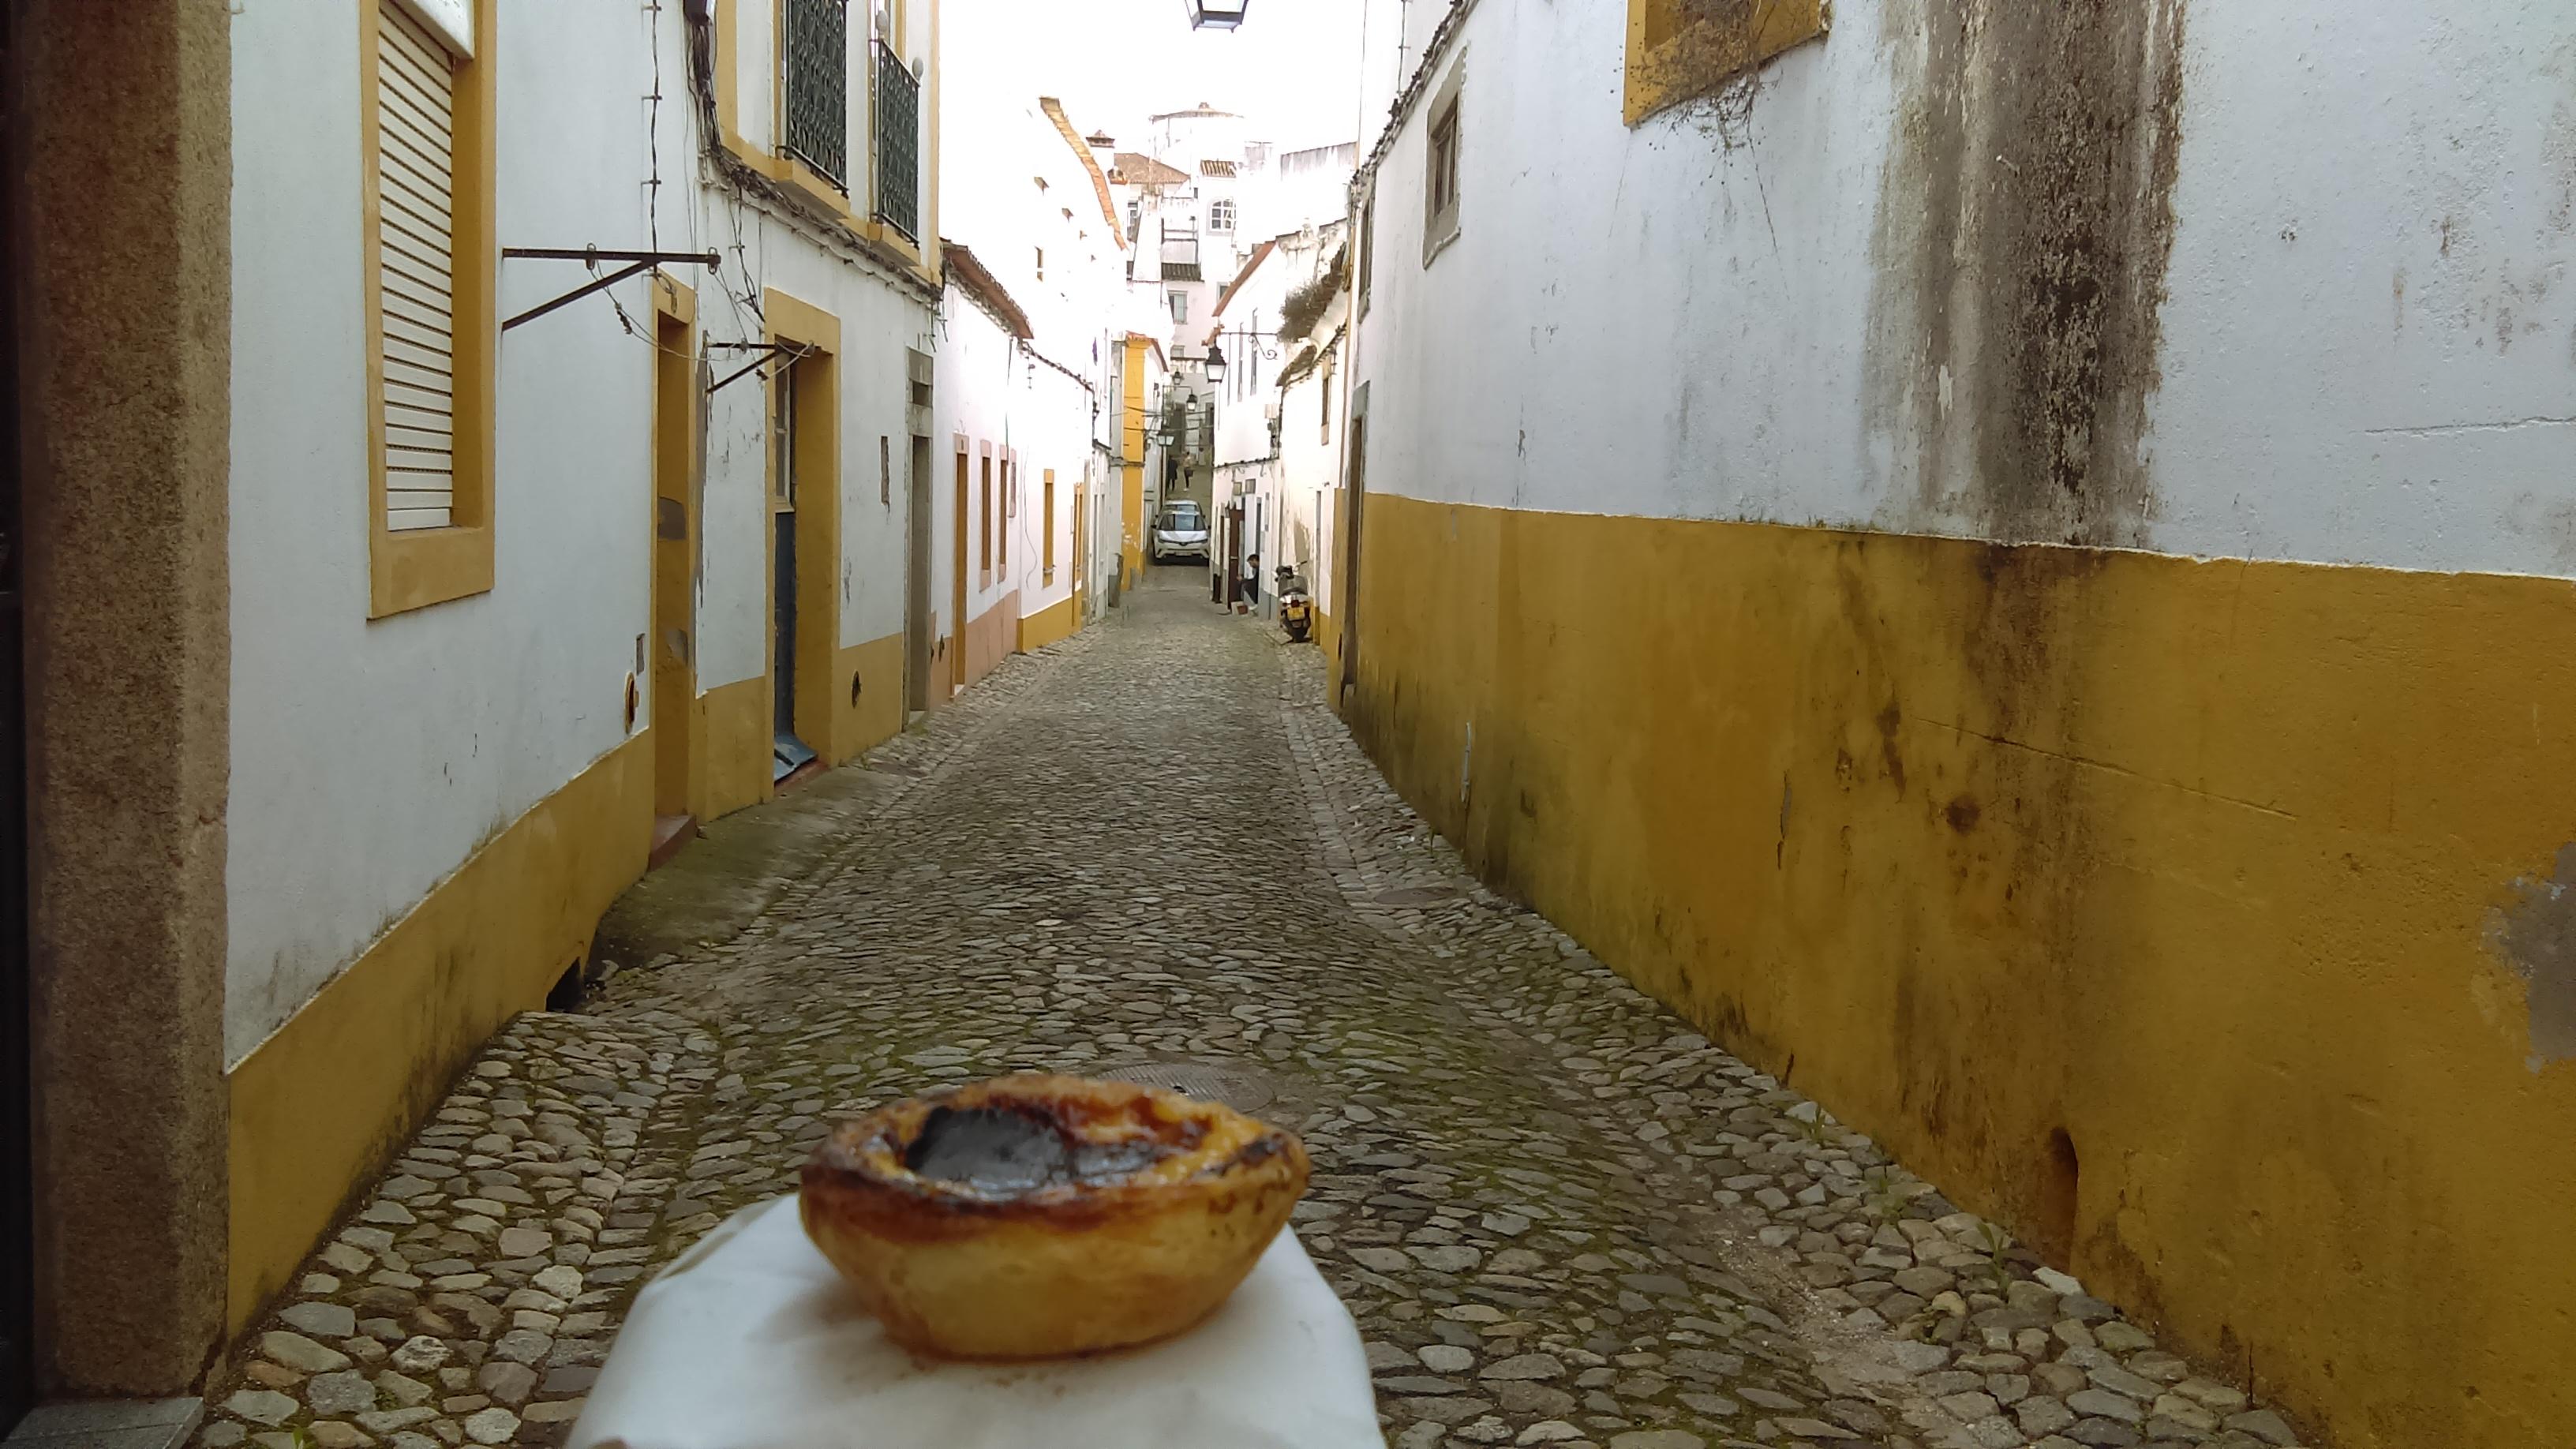 Degustation de pastel de nata dans les rues d'Evora au Portugal